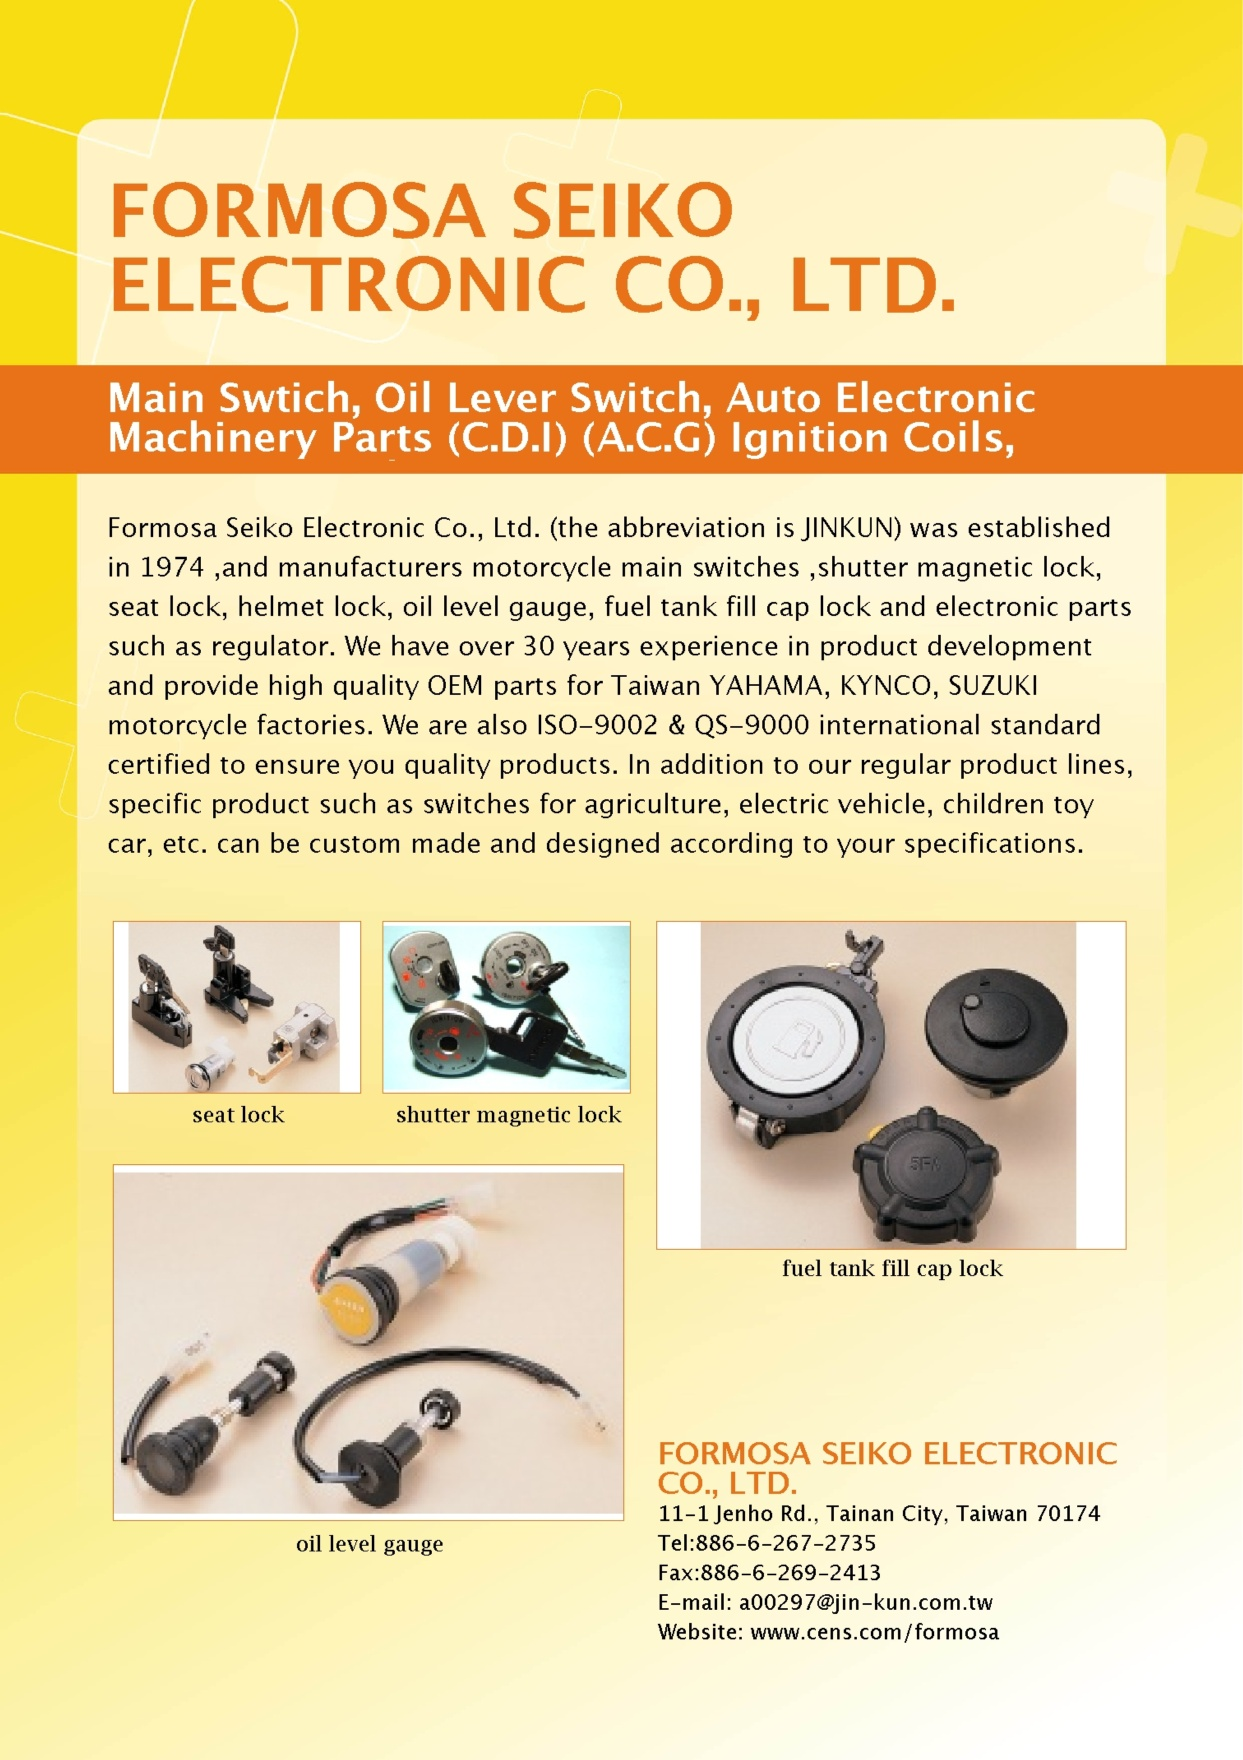 FORMOSA SEIKO ELECTRONIC CO., LTD.